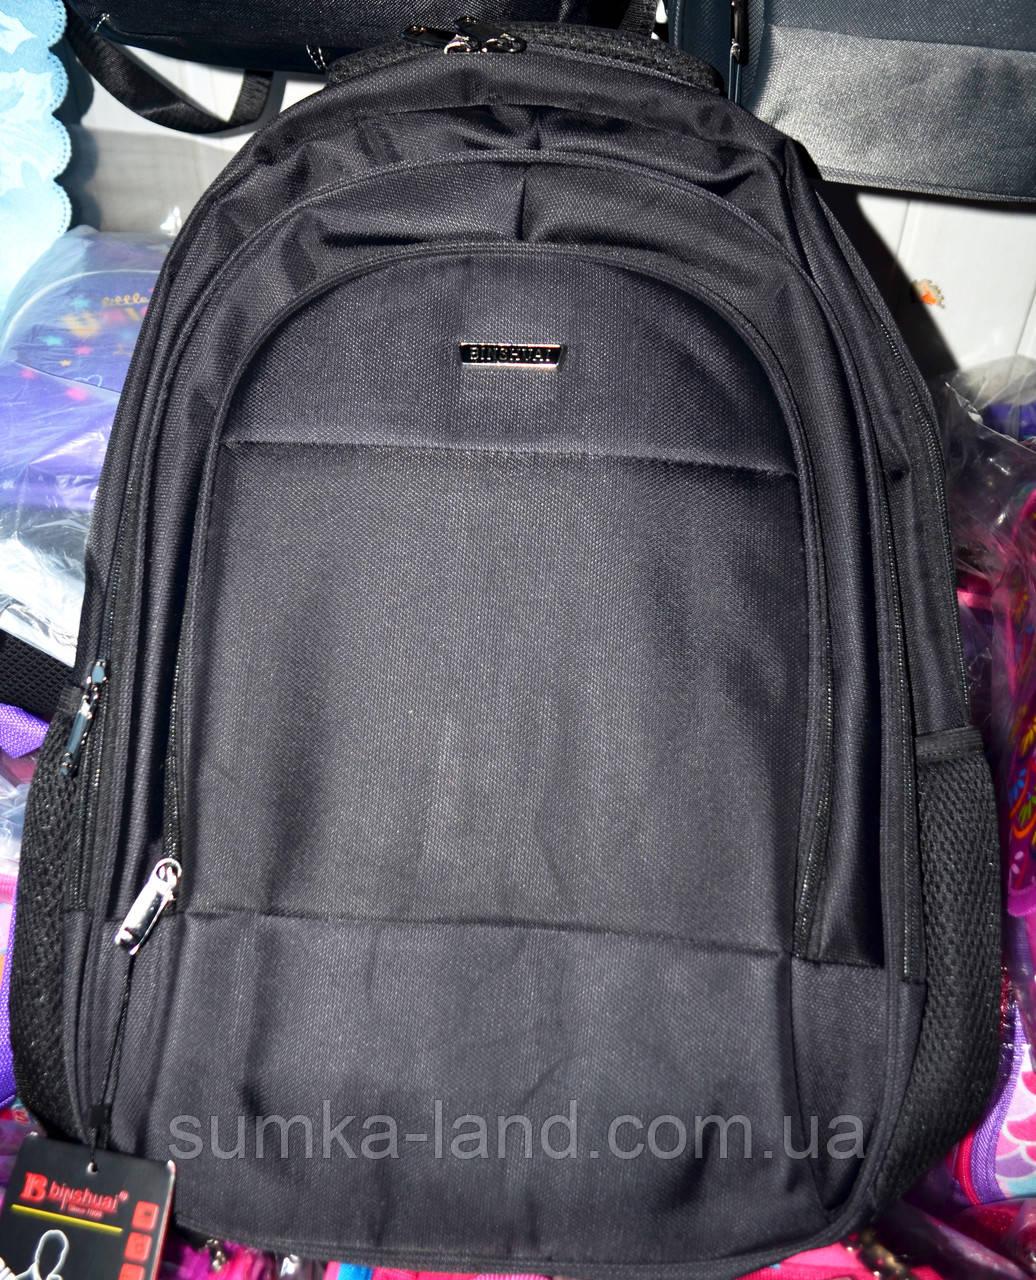 Текстильные рюкзаки для школьников и студентов на 3 кармана на молнии 32*47 см